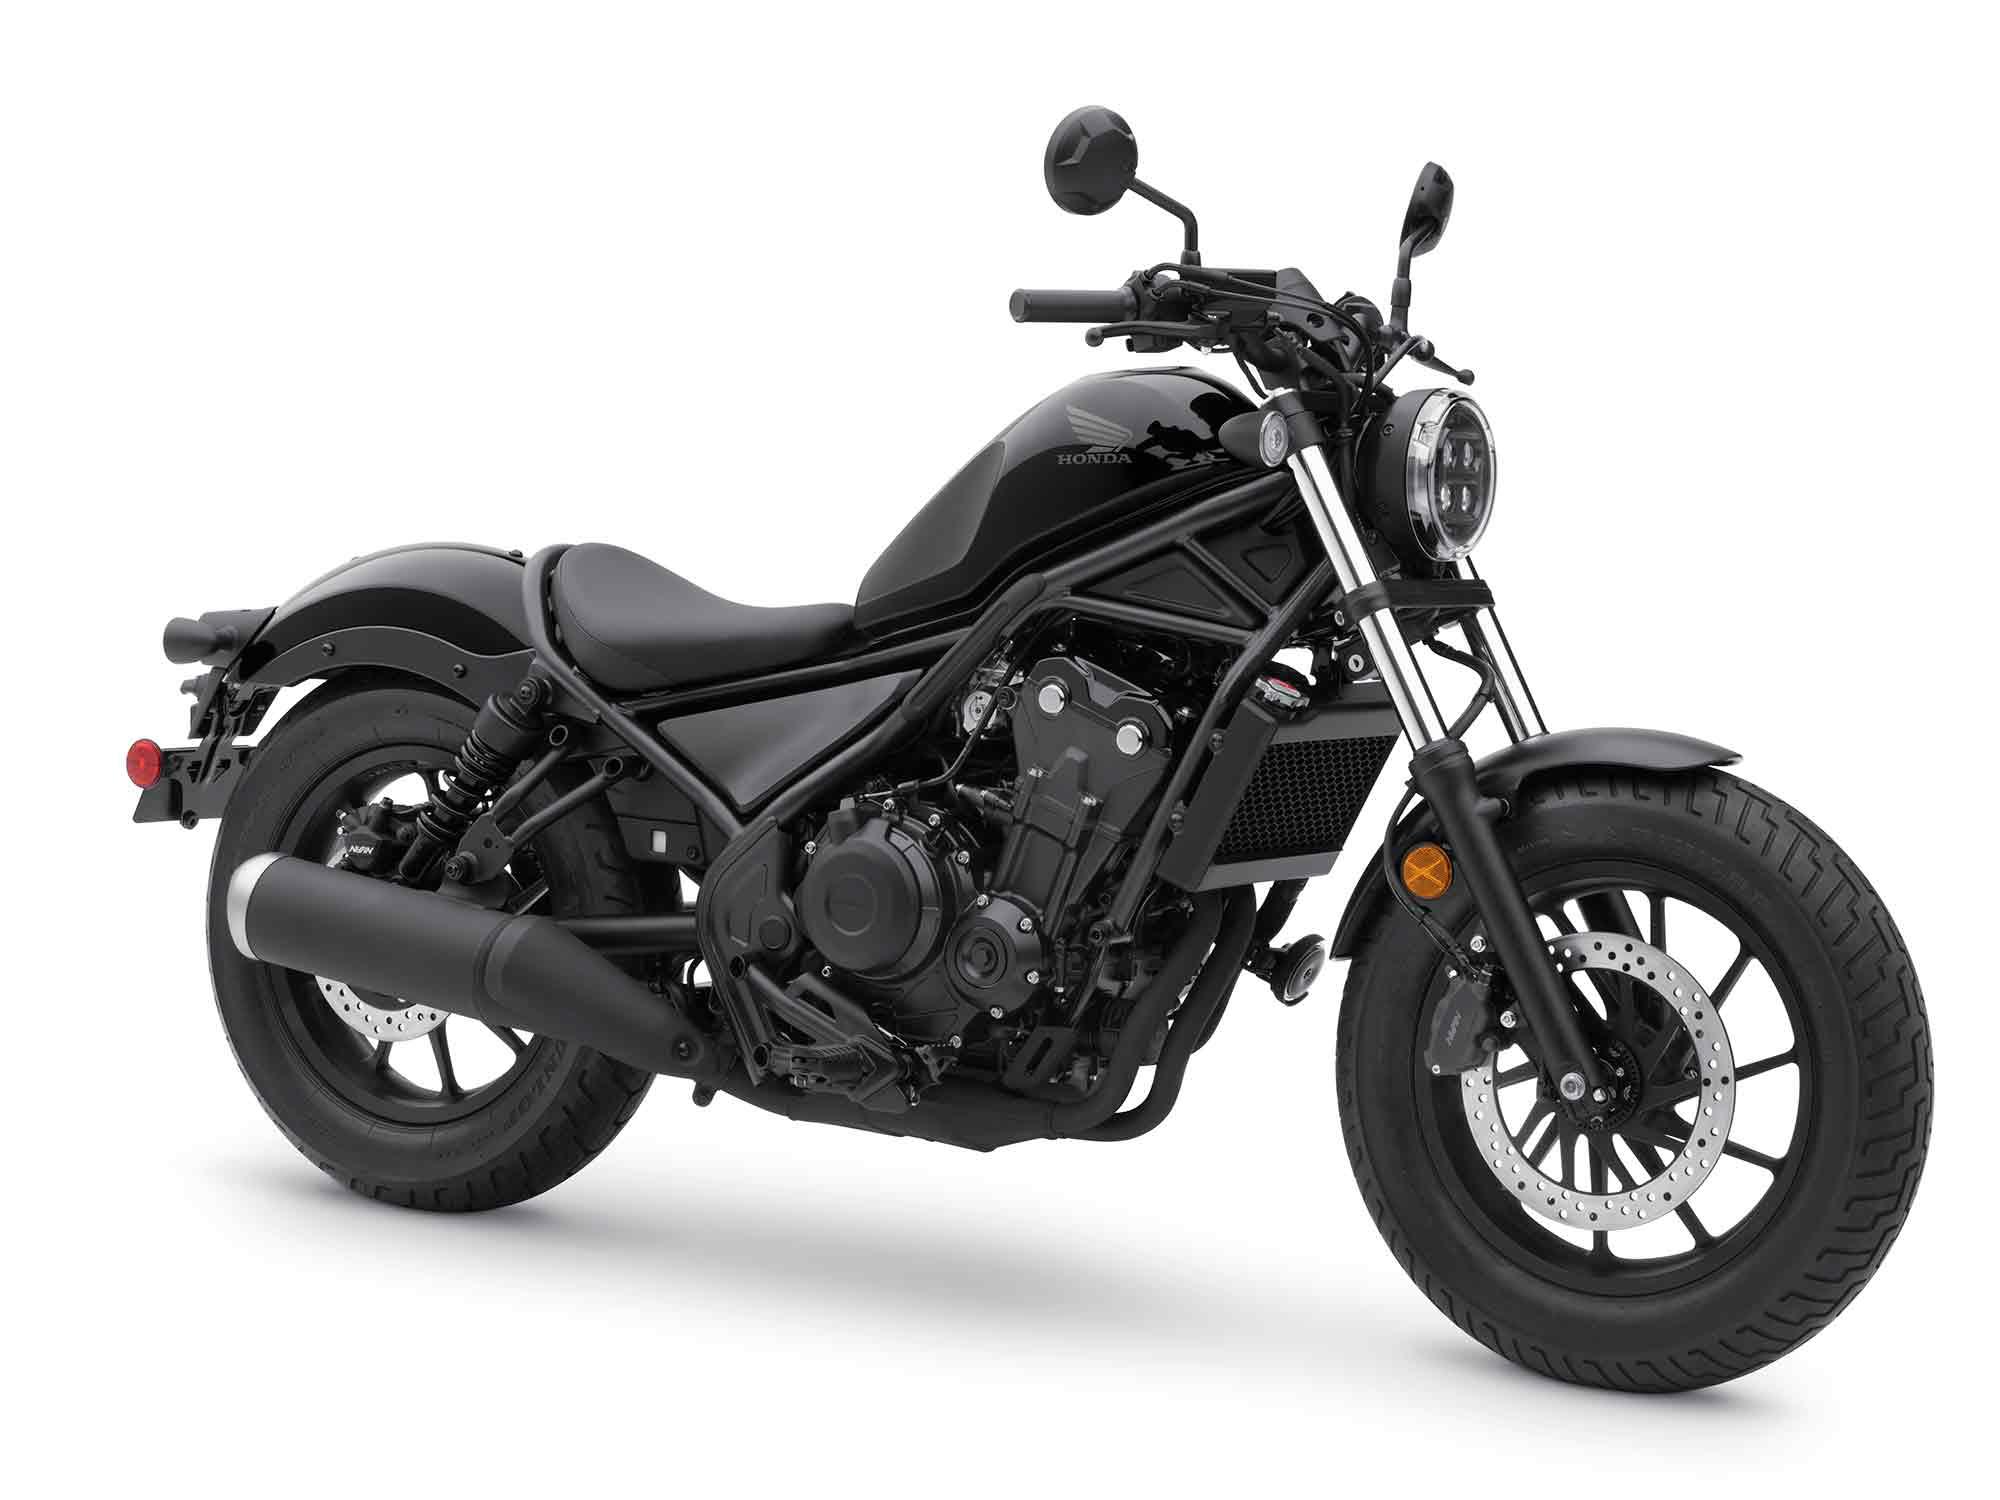 New Honda Motorcycles, New Honda Bike Models | Cycle World Cycle World